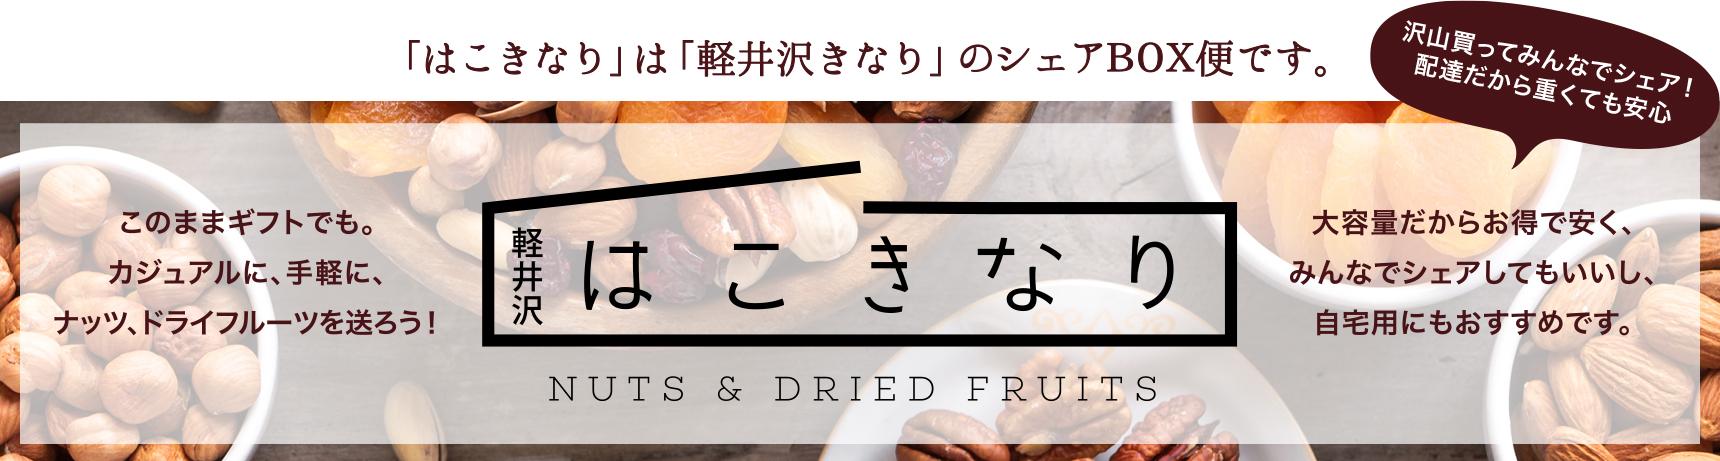 「はこきなり」は軽井沢きなりのシェアBOX便です。